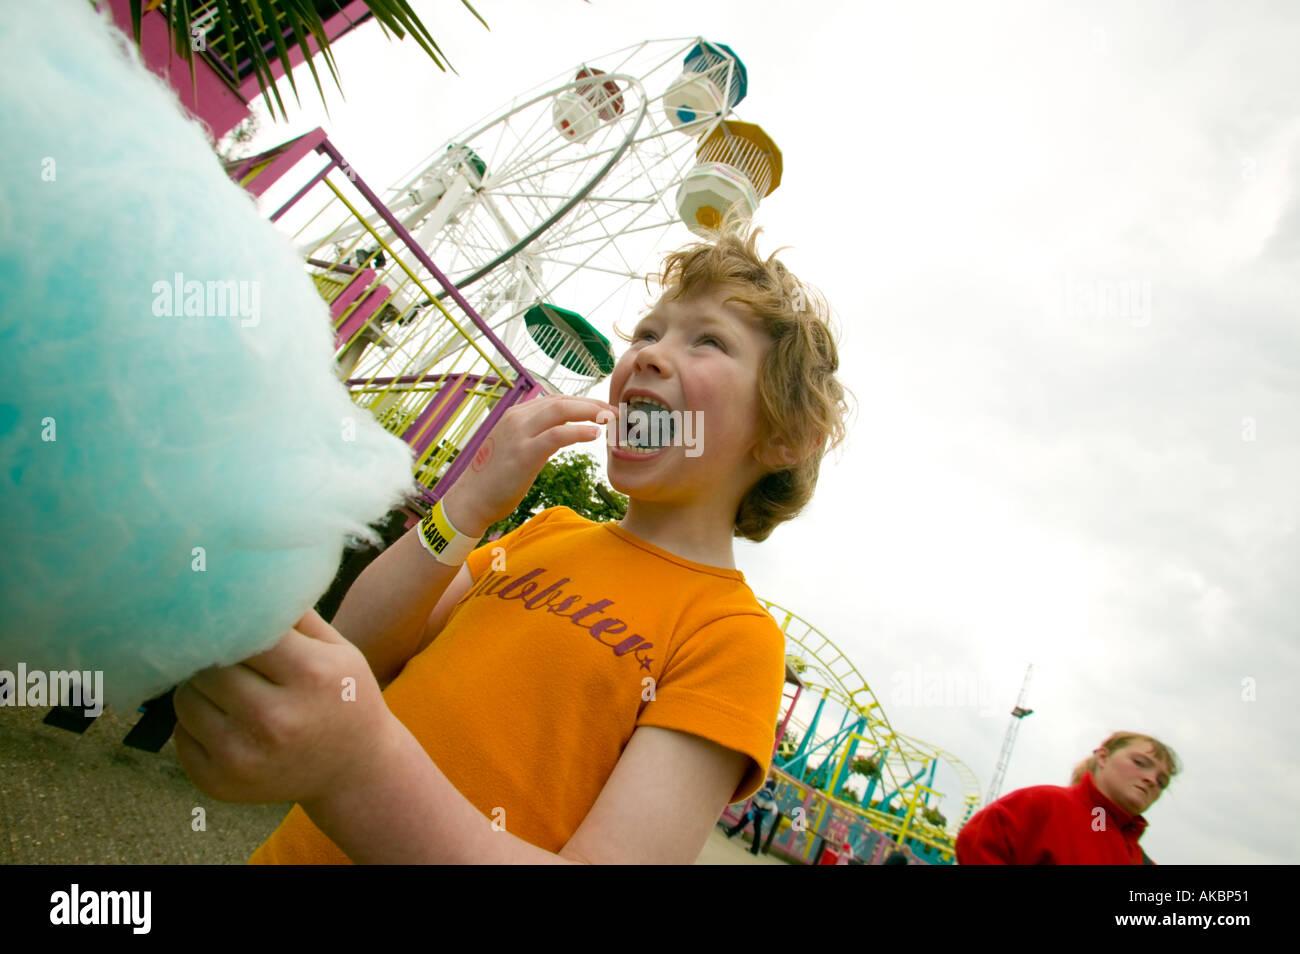 Los niños que comen candyfloss Imagen De Stock